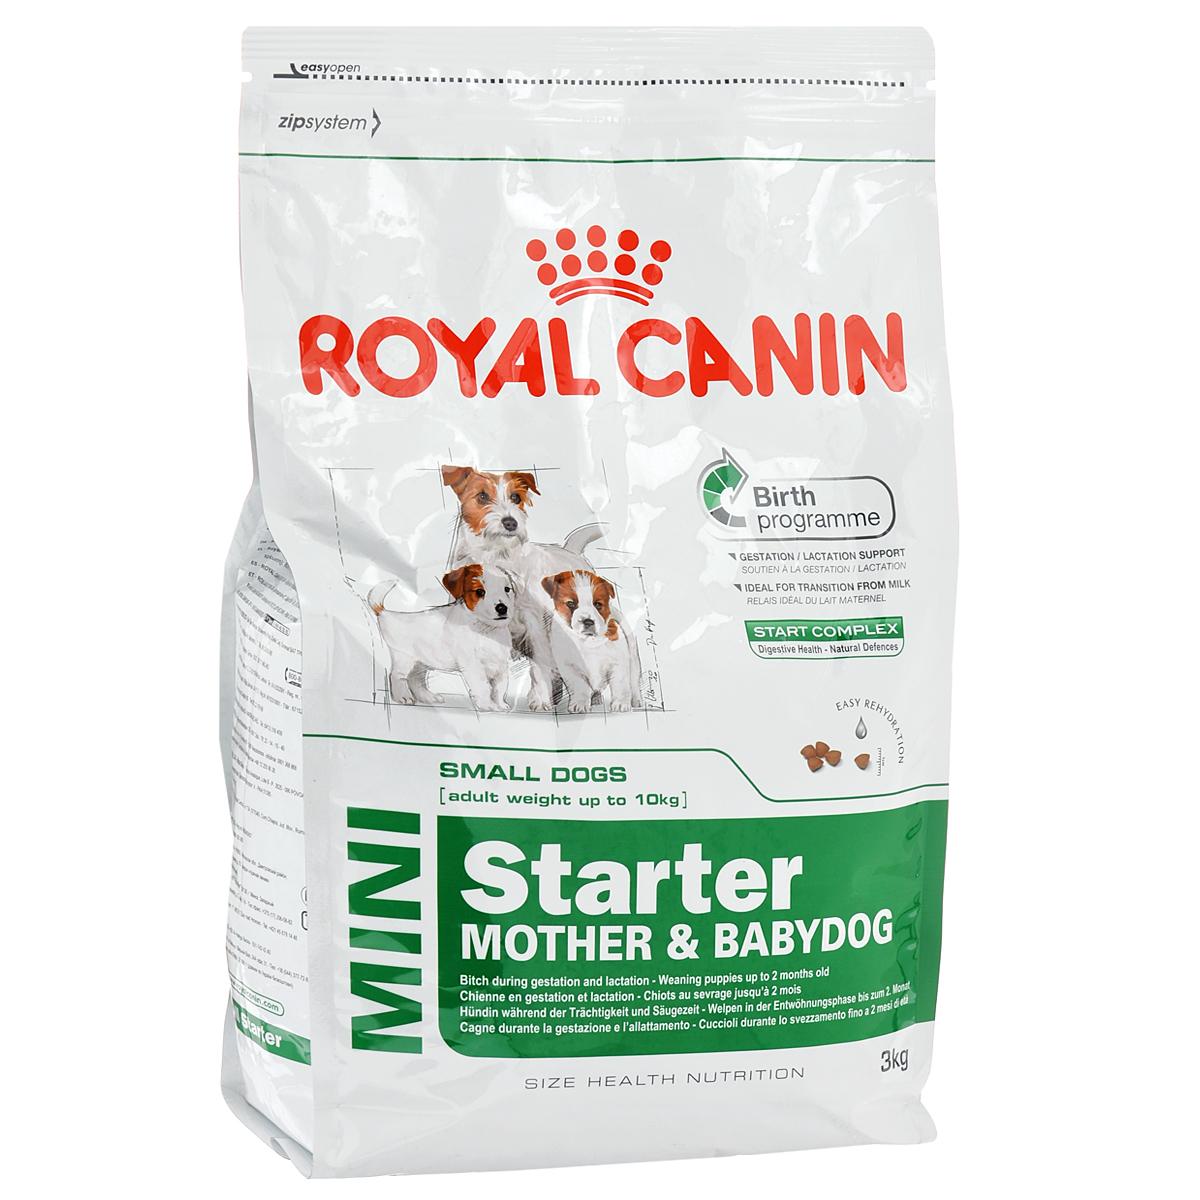 Корм сухой Royal Canin Mini Starter, для щенков и кормящих собак мелких пород, 3 кг8671Корм сухой Royal Canin Mini Starter - полнорационный корм для щенков в период отъема до 2-месячного возраста. Также подходит для сук в последней трети беременности и во время лактации.Основанная на данных профессиональных исследований, программа рождения - это уникальное диетологическое решение, которое удовлетворяет потребности суки и ее щенков на пяти этапах жизненного цикла: беременность, рождение, лактация, отъем и рост до 2 месяцев.Безопасность пищеварения - естественные механизмы защиты.Продукт современной науки от Royal Canin, START COMPLEX – это эксклюзивная комбинация питательных веществ, имеющихся в молоке матери, усиленная дополнительными веществами, которые активно способствуют безопасности пищеварения и укрепляют естественный иммунитет щенков.Поддержка во время беременности/лактации.Диетологическое решение, адаптированное к высоким потребностям суки в конце периода беременности и во время лактации. Идеальный продукт для перехода на твердый корм.Диетологическое решение, которое облегчает перевод щенка с молока матери на твердый корм (энергетическая ценность, качество белка, жиры). Легко размачивается.Крокеты легко размачиваются до консистенции каши и обладают высокой вкусовой привлекательностью для суки и щенков в период отъема.Состав: дегидратированное мясо птицы, рис, животные жиры, изолят растительного белка, кукуруза, свекольный жом, гидролизат белков животного происхождения, минеральные вещества, рыбий жир, соевое масло, фруктоолигосахариды, соль жирной кислоты, гидролизат дрожжей (источник манноолигосахаридов и бета-глюканов), экстракт бархатцев прямостоячих (источник лютеина).Добавки (в 1 кг): медь — 15 мг,железо — 209 мг,марганец — 74 мг/кг,цинк — 242 мг,селен — 0,16 мг,йод — 3,6 мг,витамин A — 21000 МЕ,витамин D3 — 1200 МЕ,витамин E — 600 мг,витамин C — 300 мг,витамин B1 — 5,1 мг,витамин B2 — 4,7 мг,витамин B6 — 10 мг,витамин B12 — 0,09 мг. Товар сертифицирова